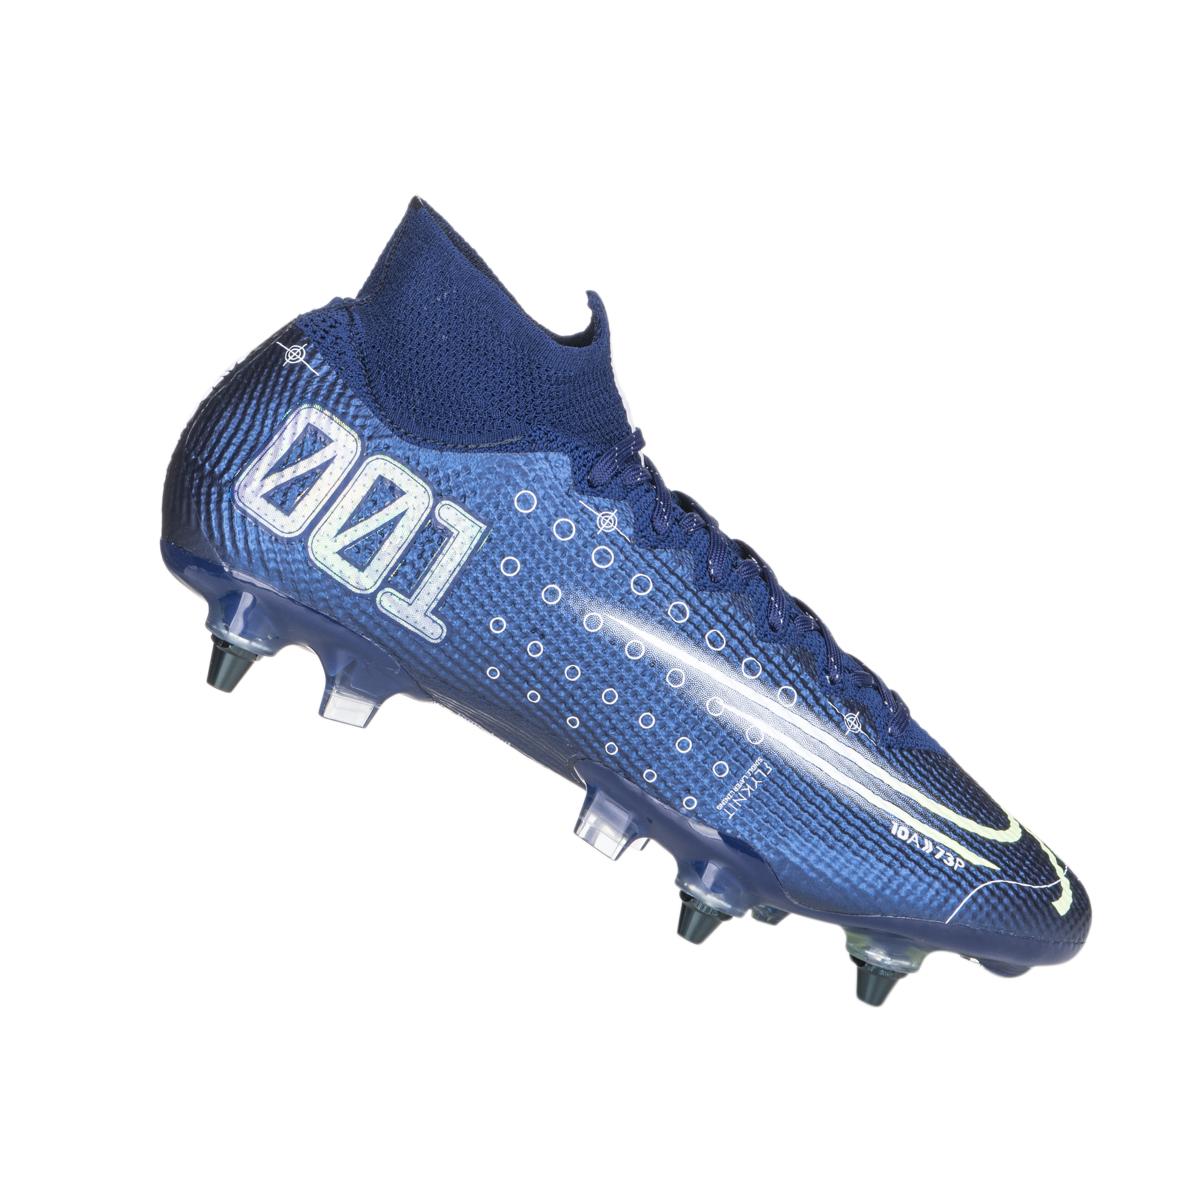 Nike Fußballschuh Mercurial Superfly VII Elite MDS SG Pro AC dunkelblauweiß